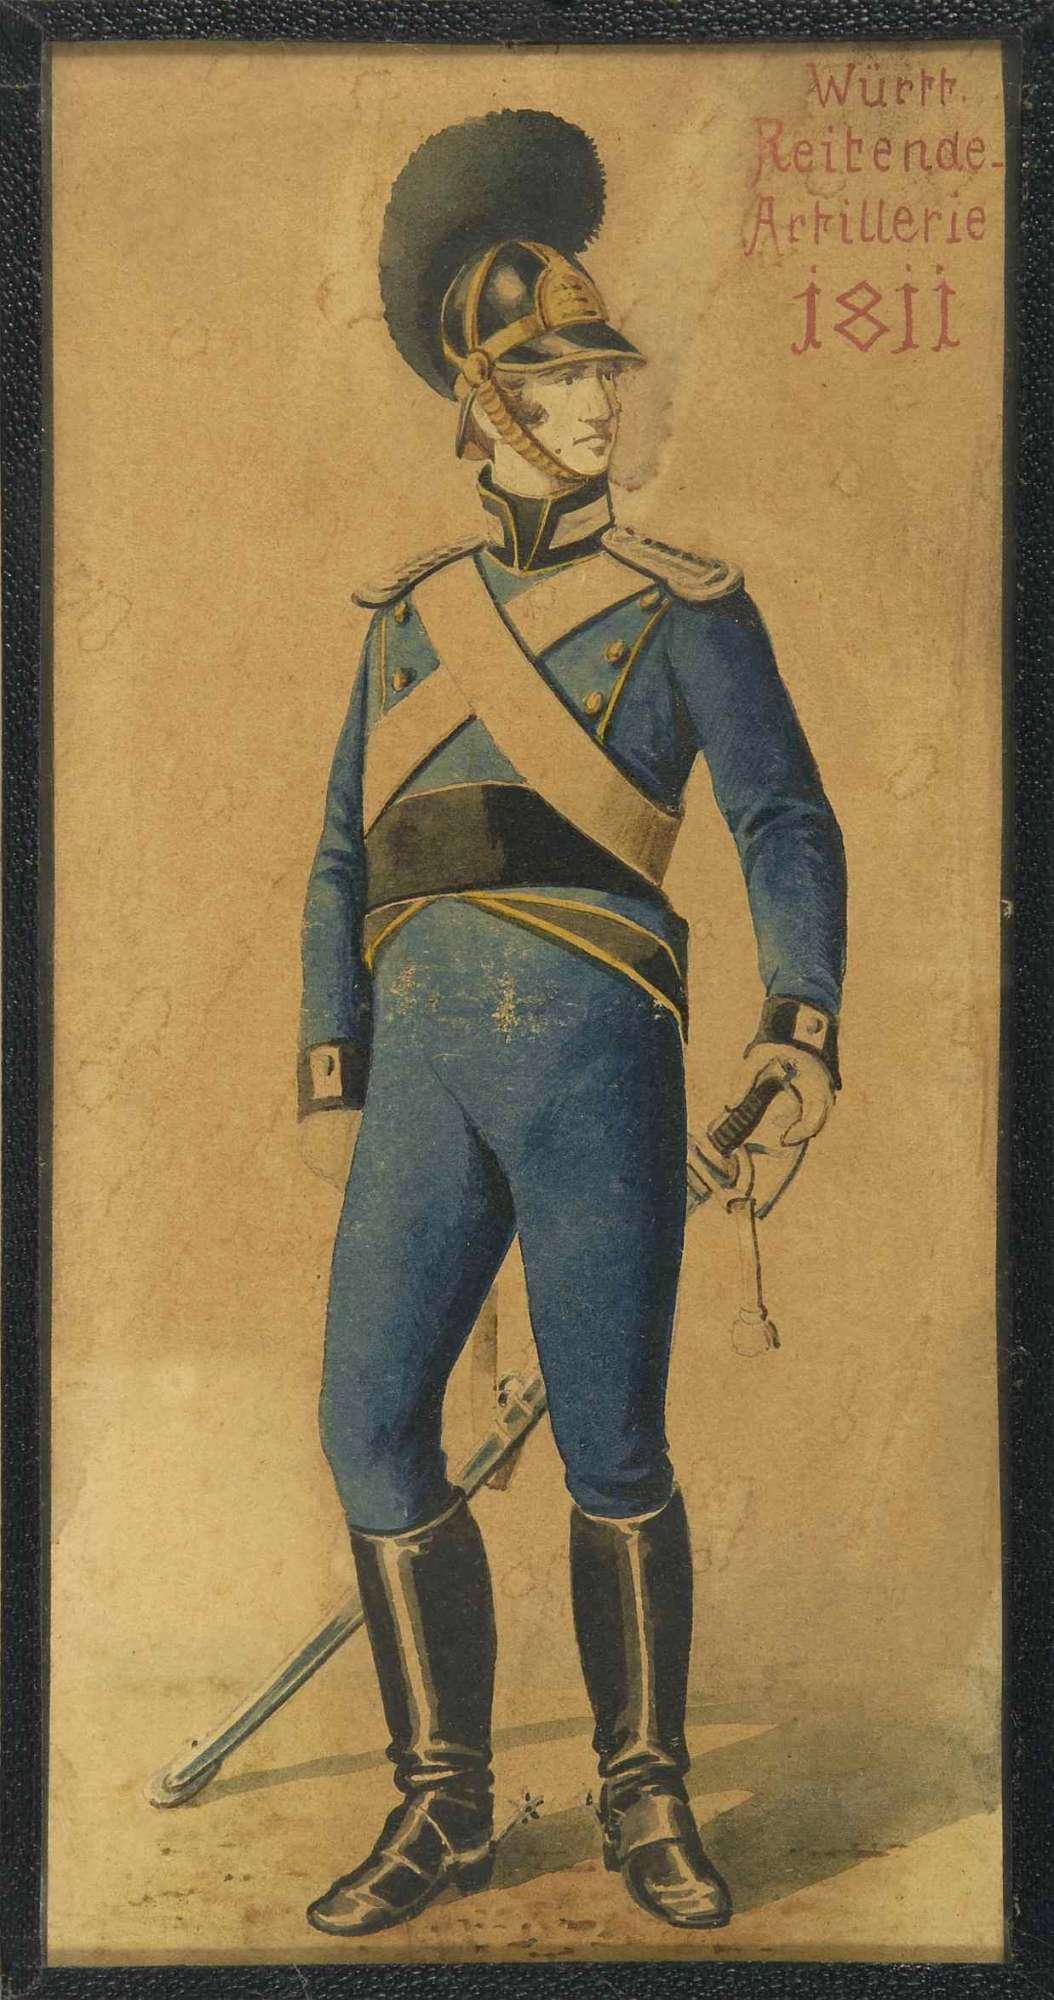 Offizier der Württ. Reitenden Artillerie 1811 in Uniform mit Zierhelm, Bild 1